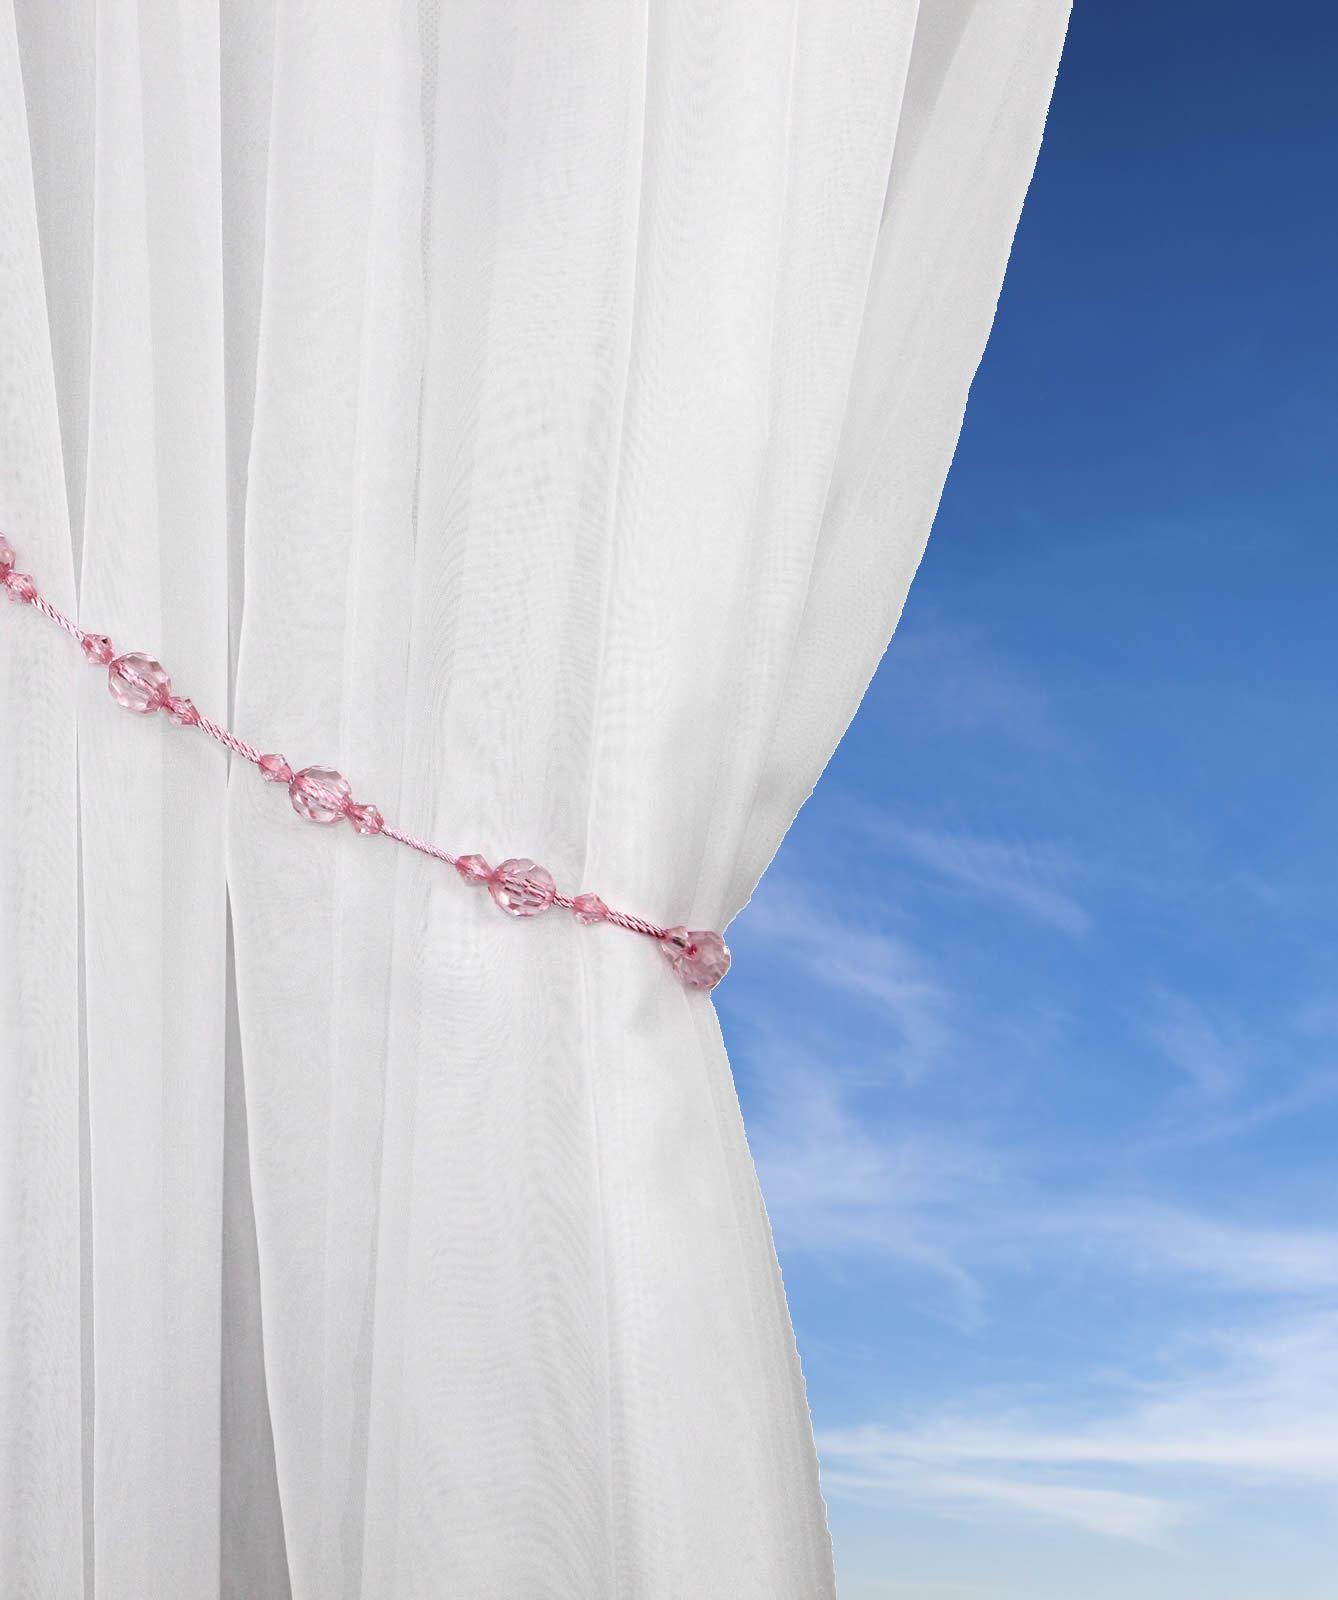 Crystal Bead Rope Tie Backs Sale Beaded Tieback Sold In